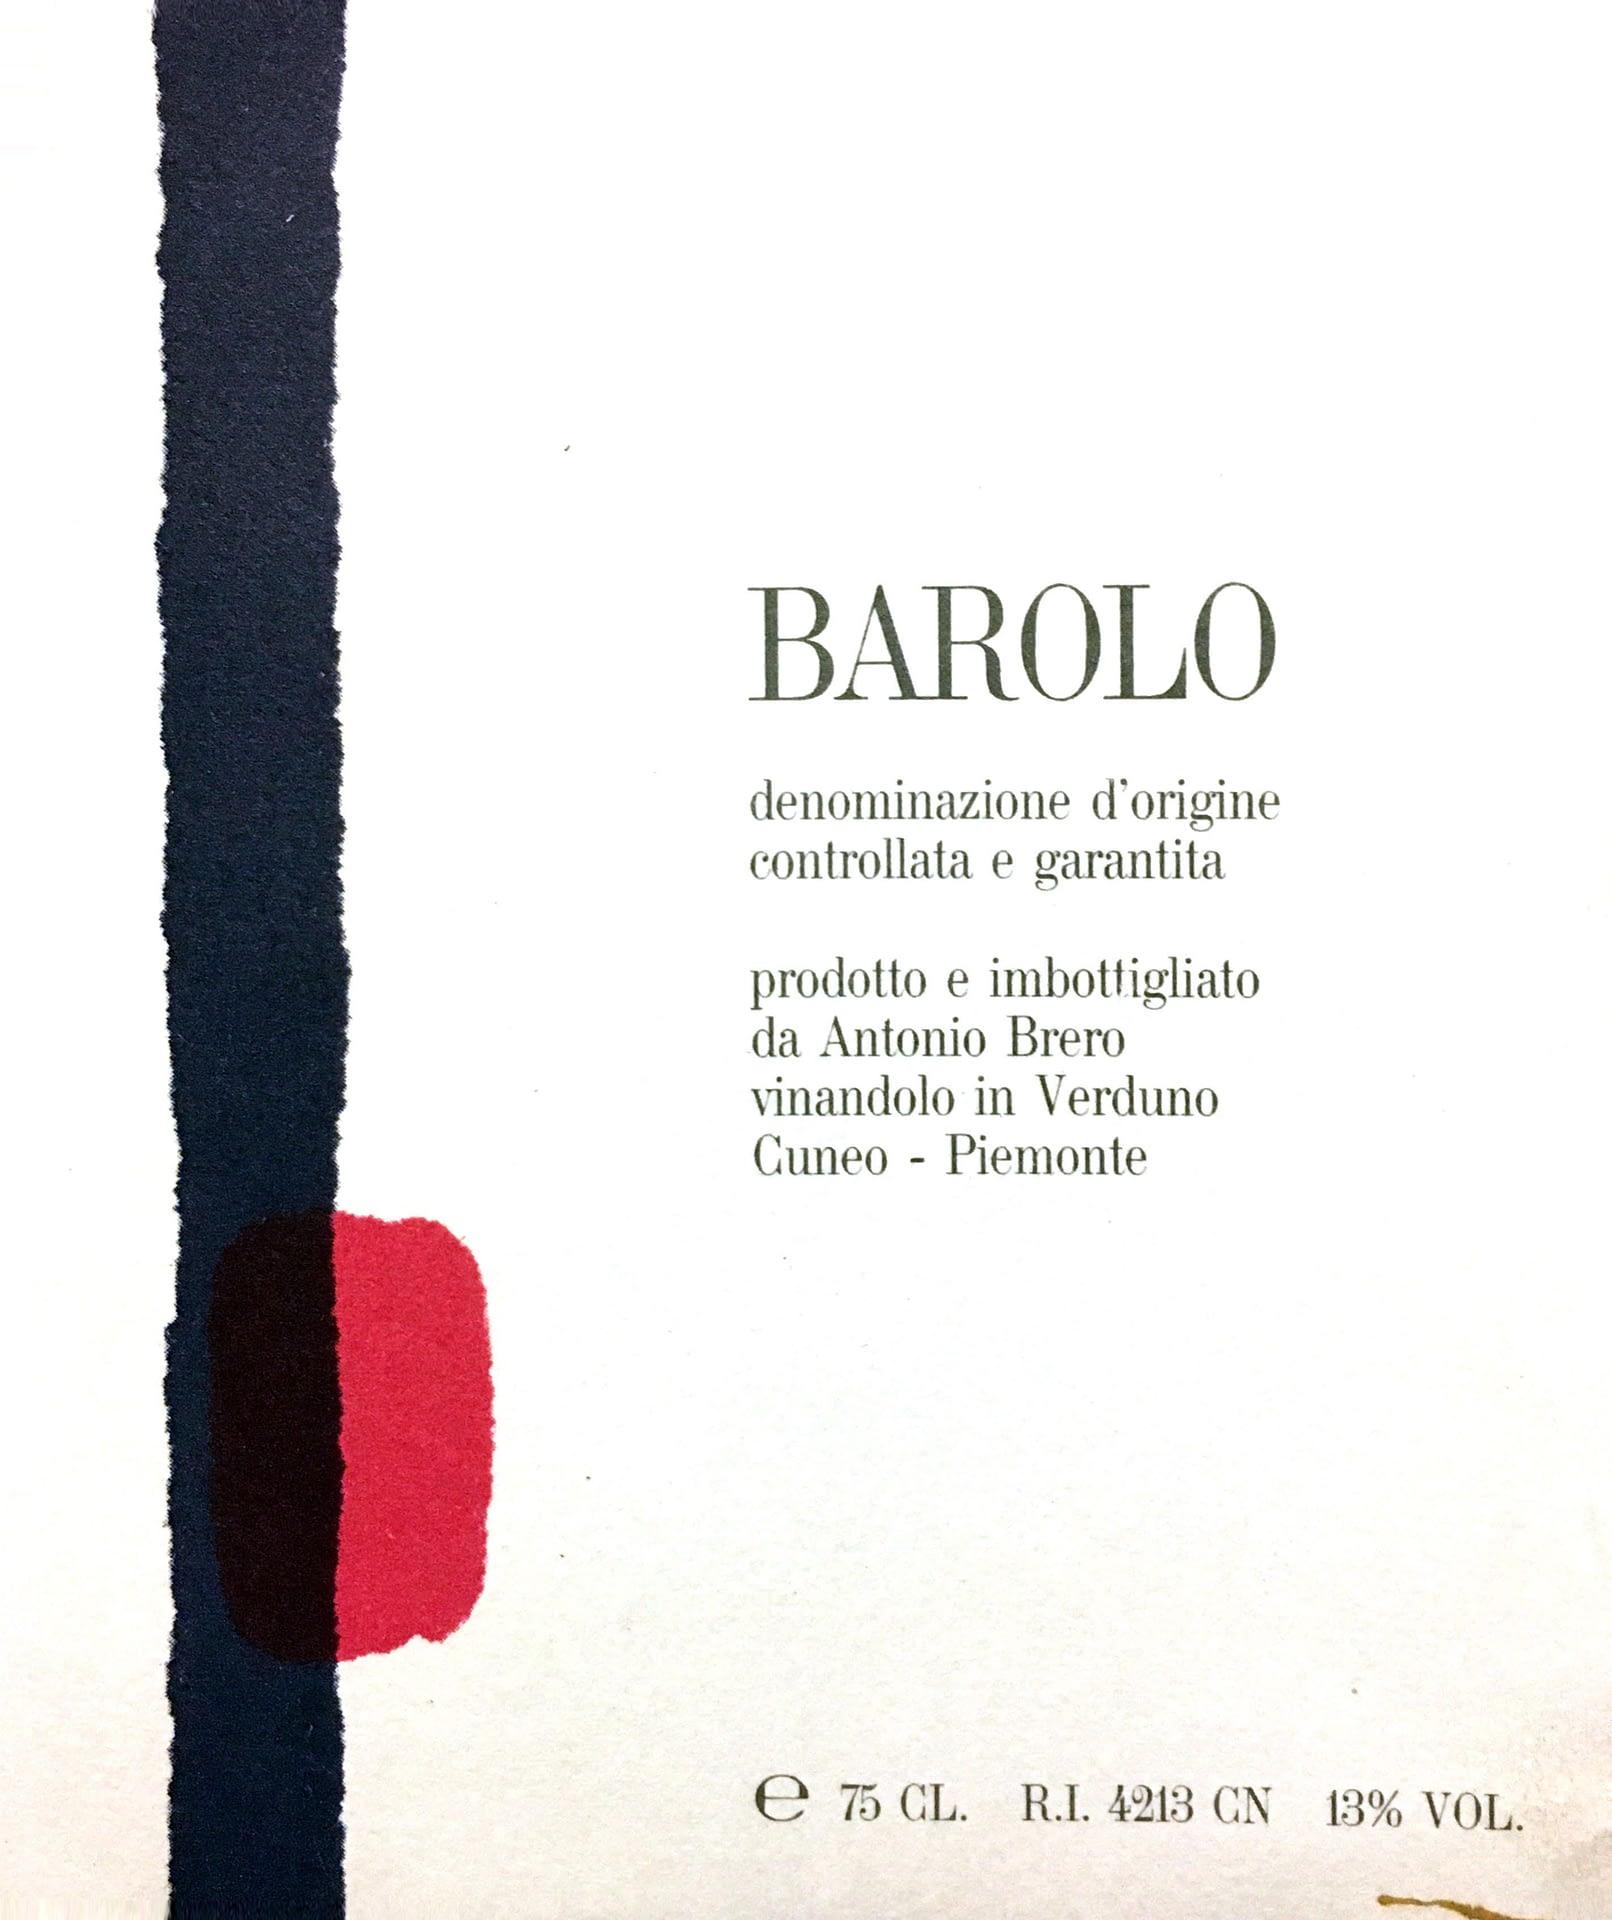 Antonio Brero Barolo 2013